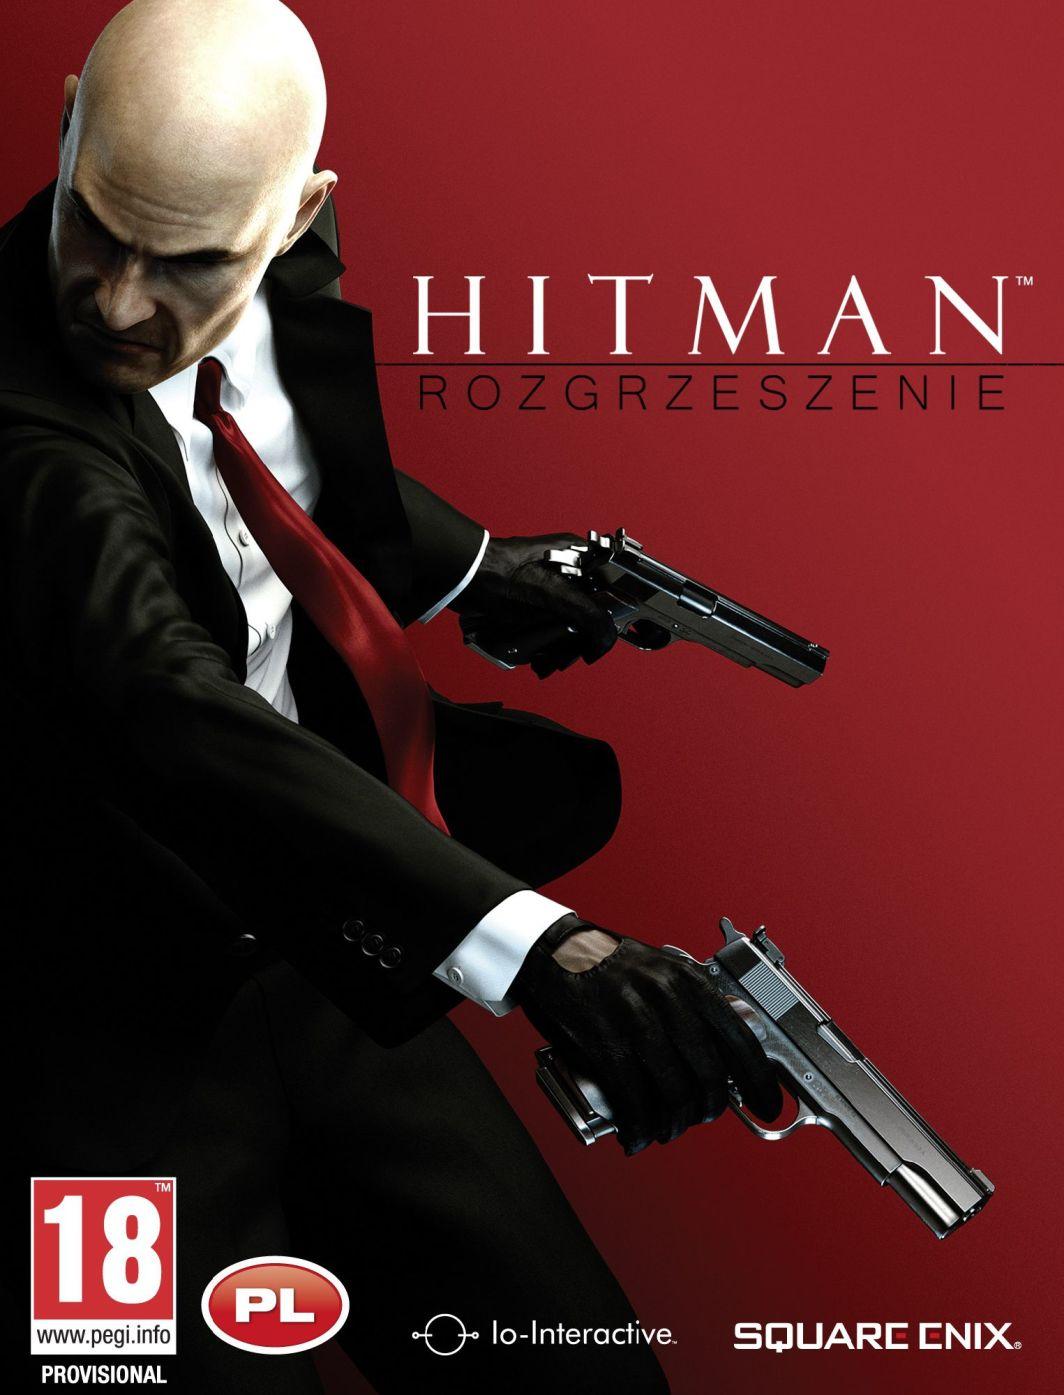 Hitman: Rozgrzeszenie PC, wersja cyfrowa 1